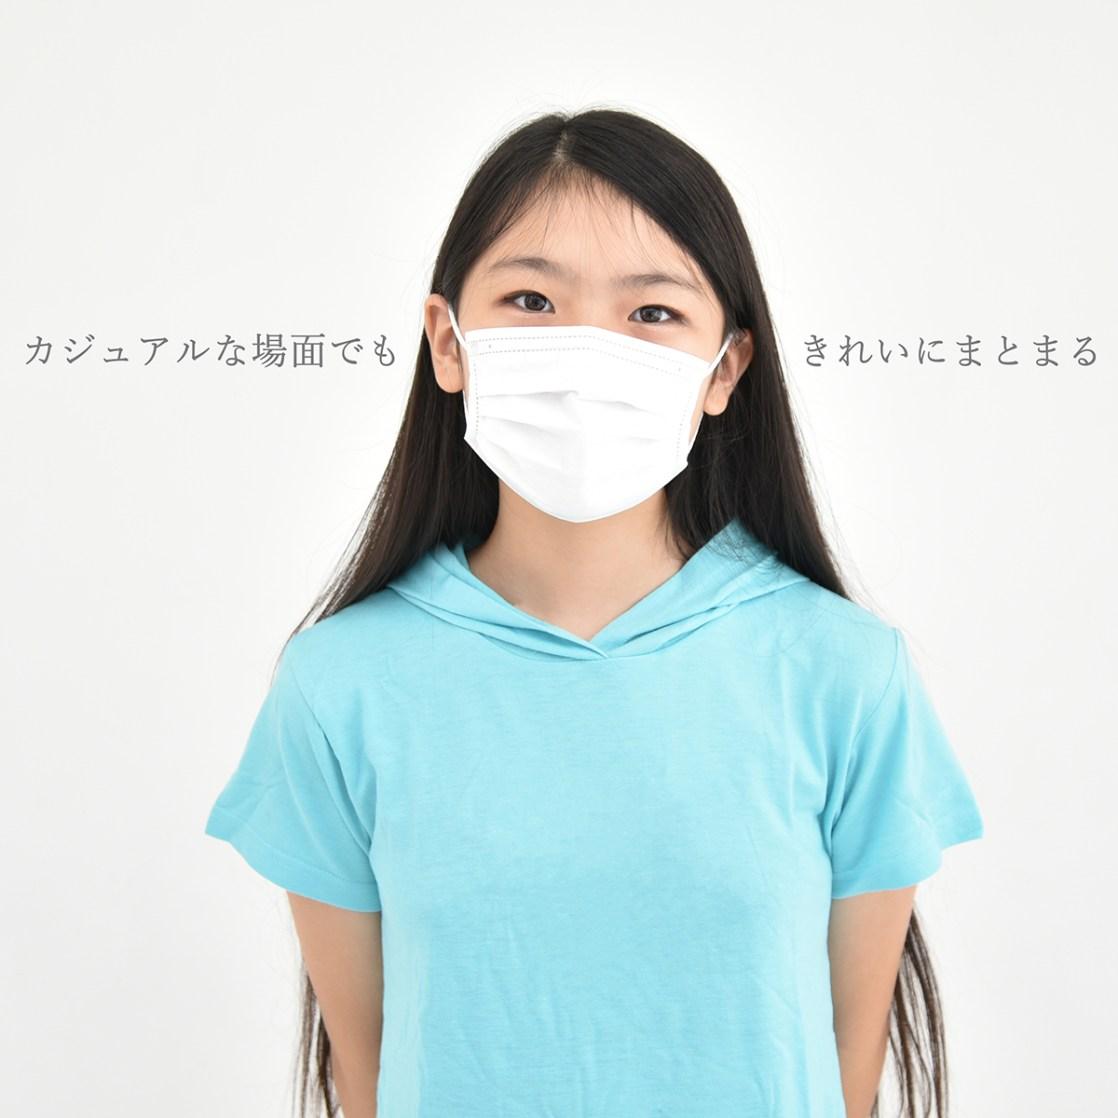 マスク撮影